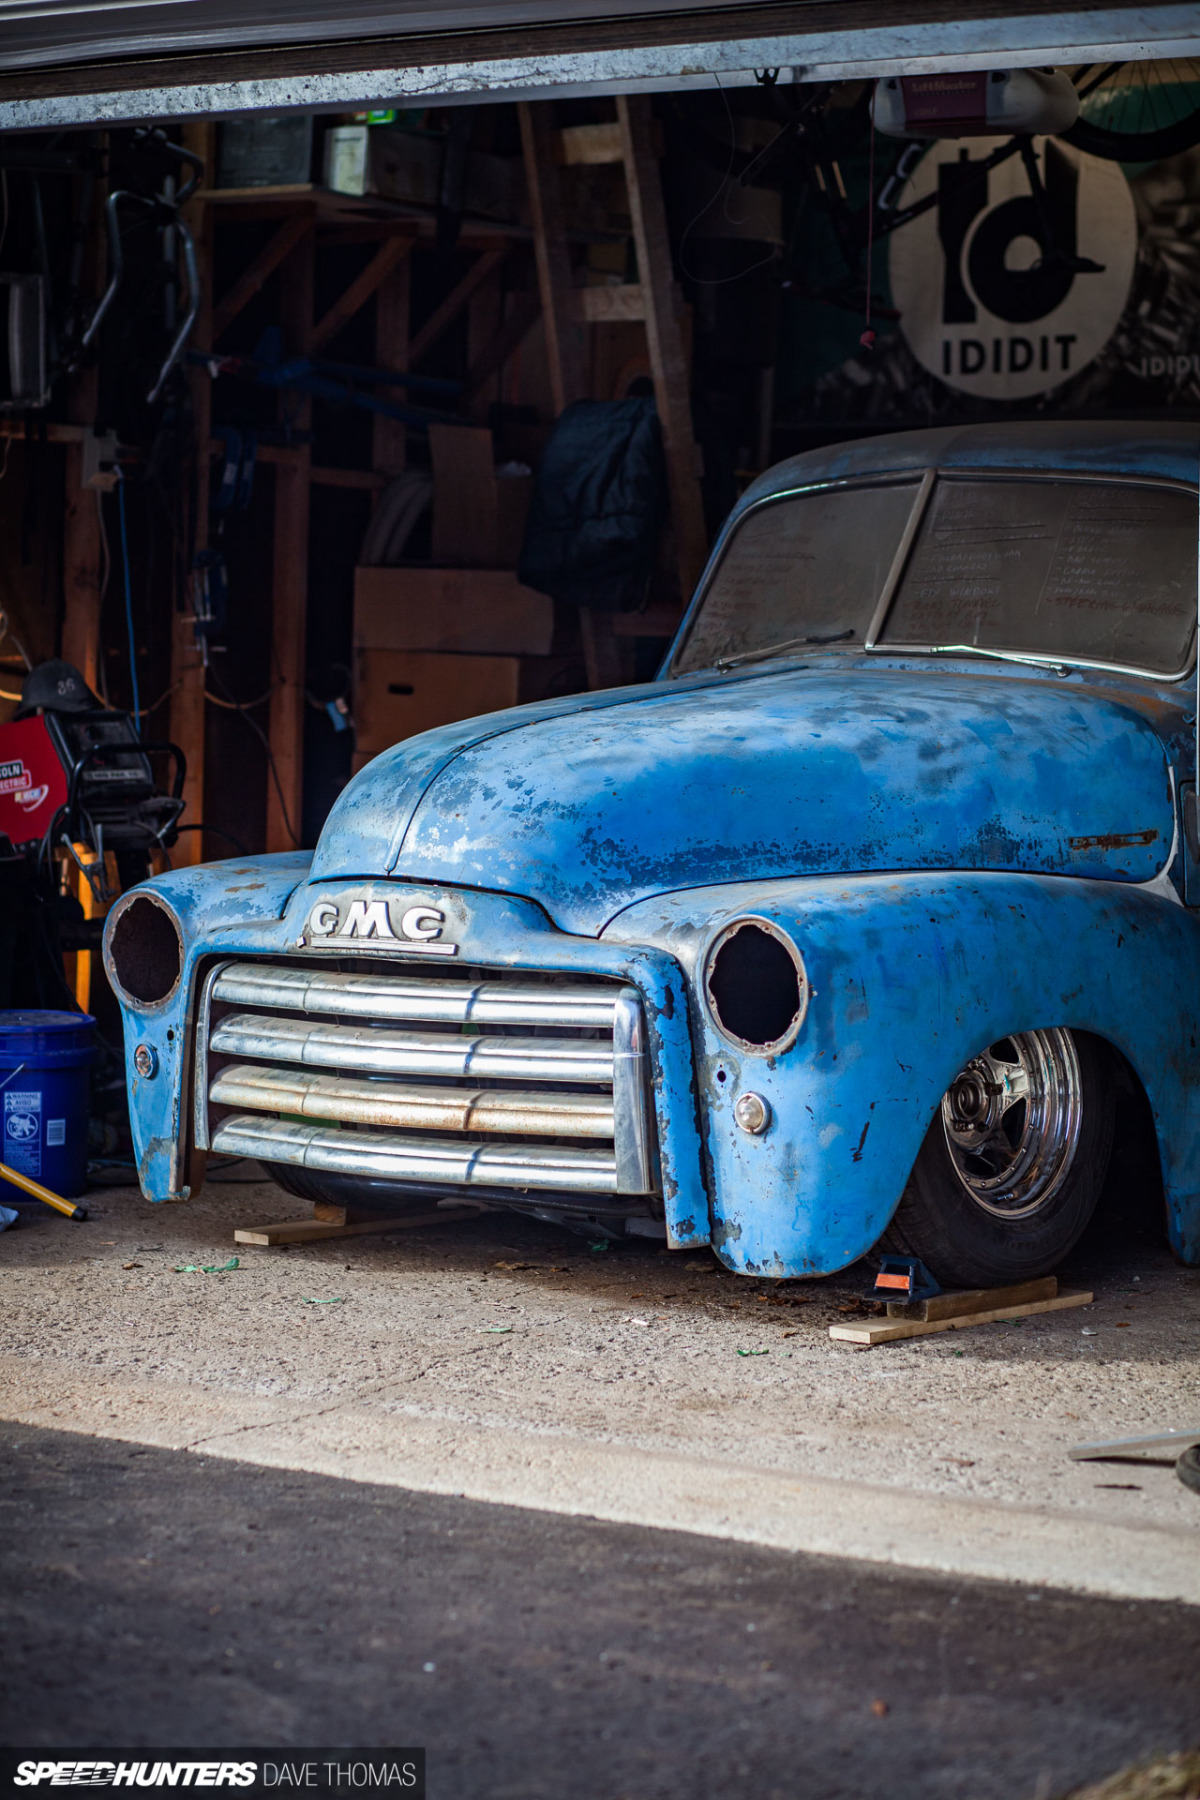 SH-Garage-51-GMC-truck-Dave-Thomas-Speedhunters-pt-2-24